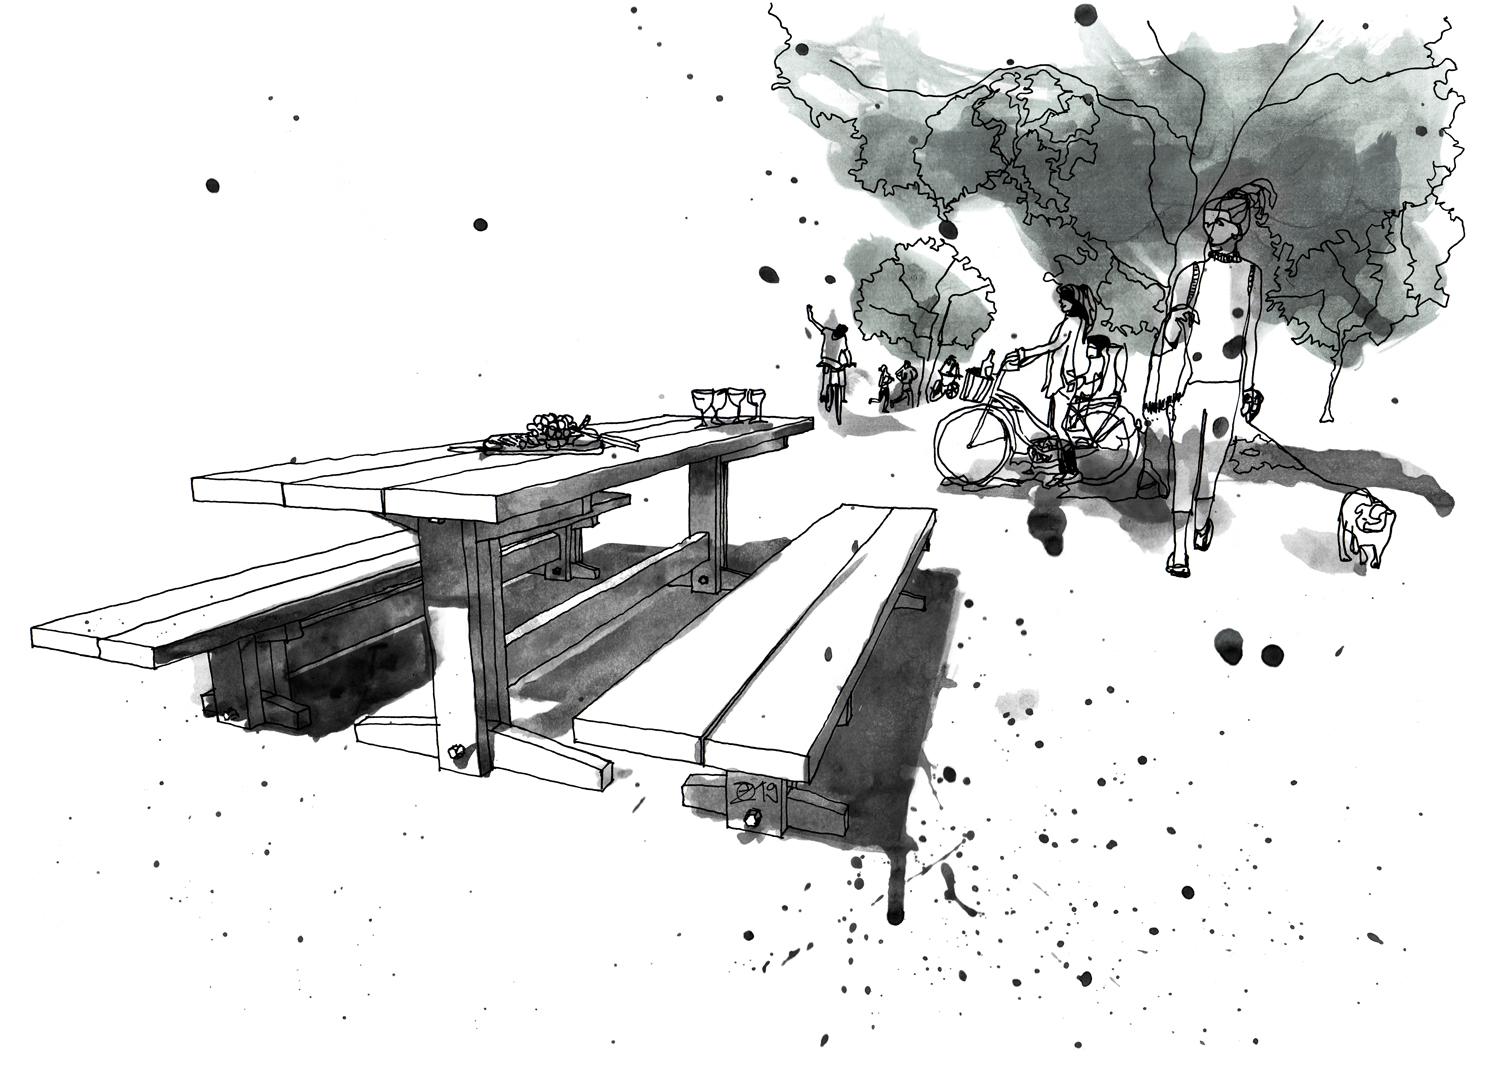 Terrassenmöbel nach Maß. Gartenmöbel Picnic-Set mit Tisch und Bänke aus Massivholz. Design and furniture design illustration by Studio KERTI